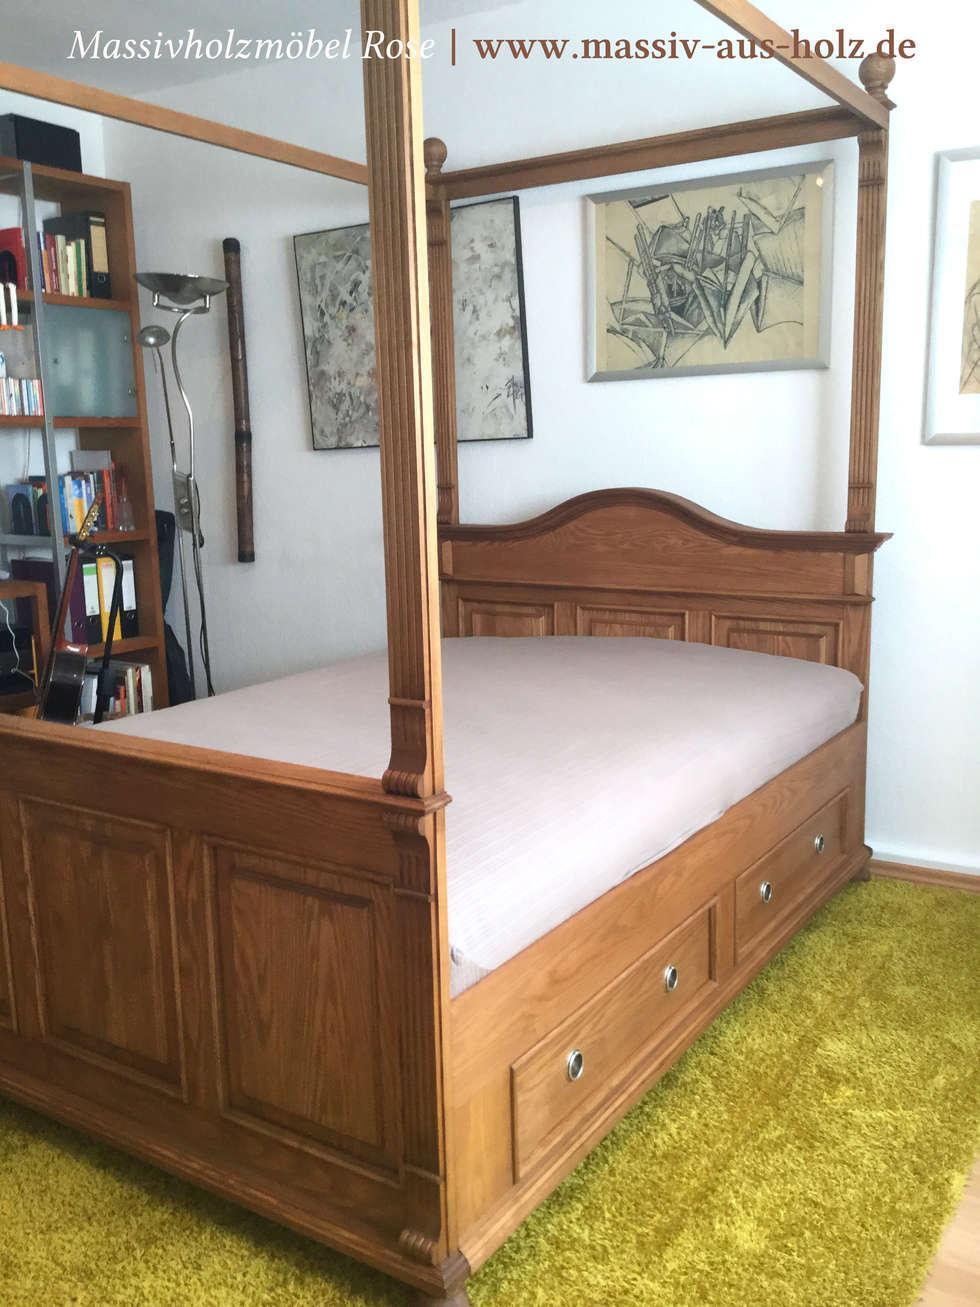 Bett Mit Baldachin Und Schubladen: Rustikale Schlafzimmer Von Massiv Aus  Holz